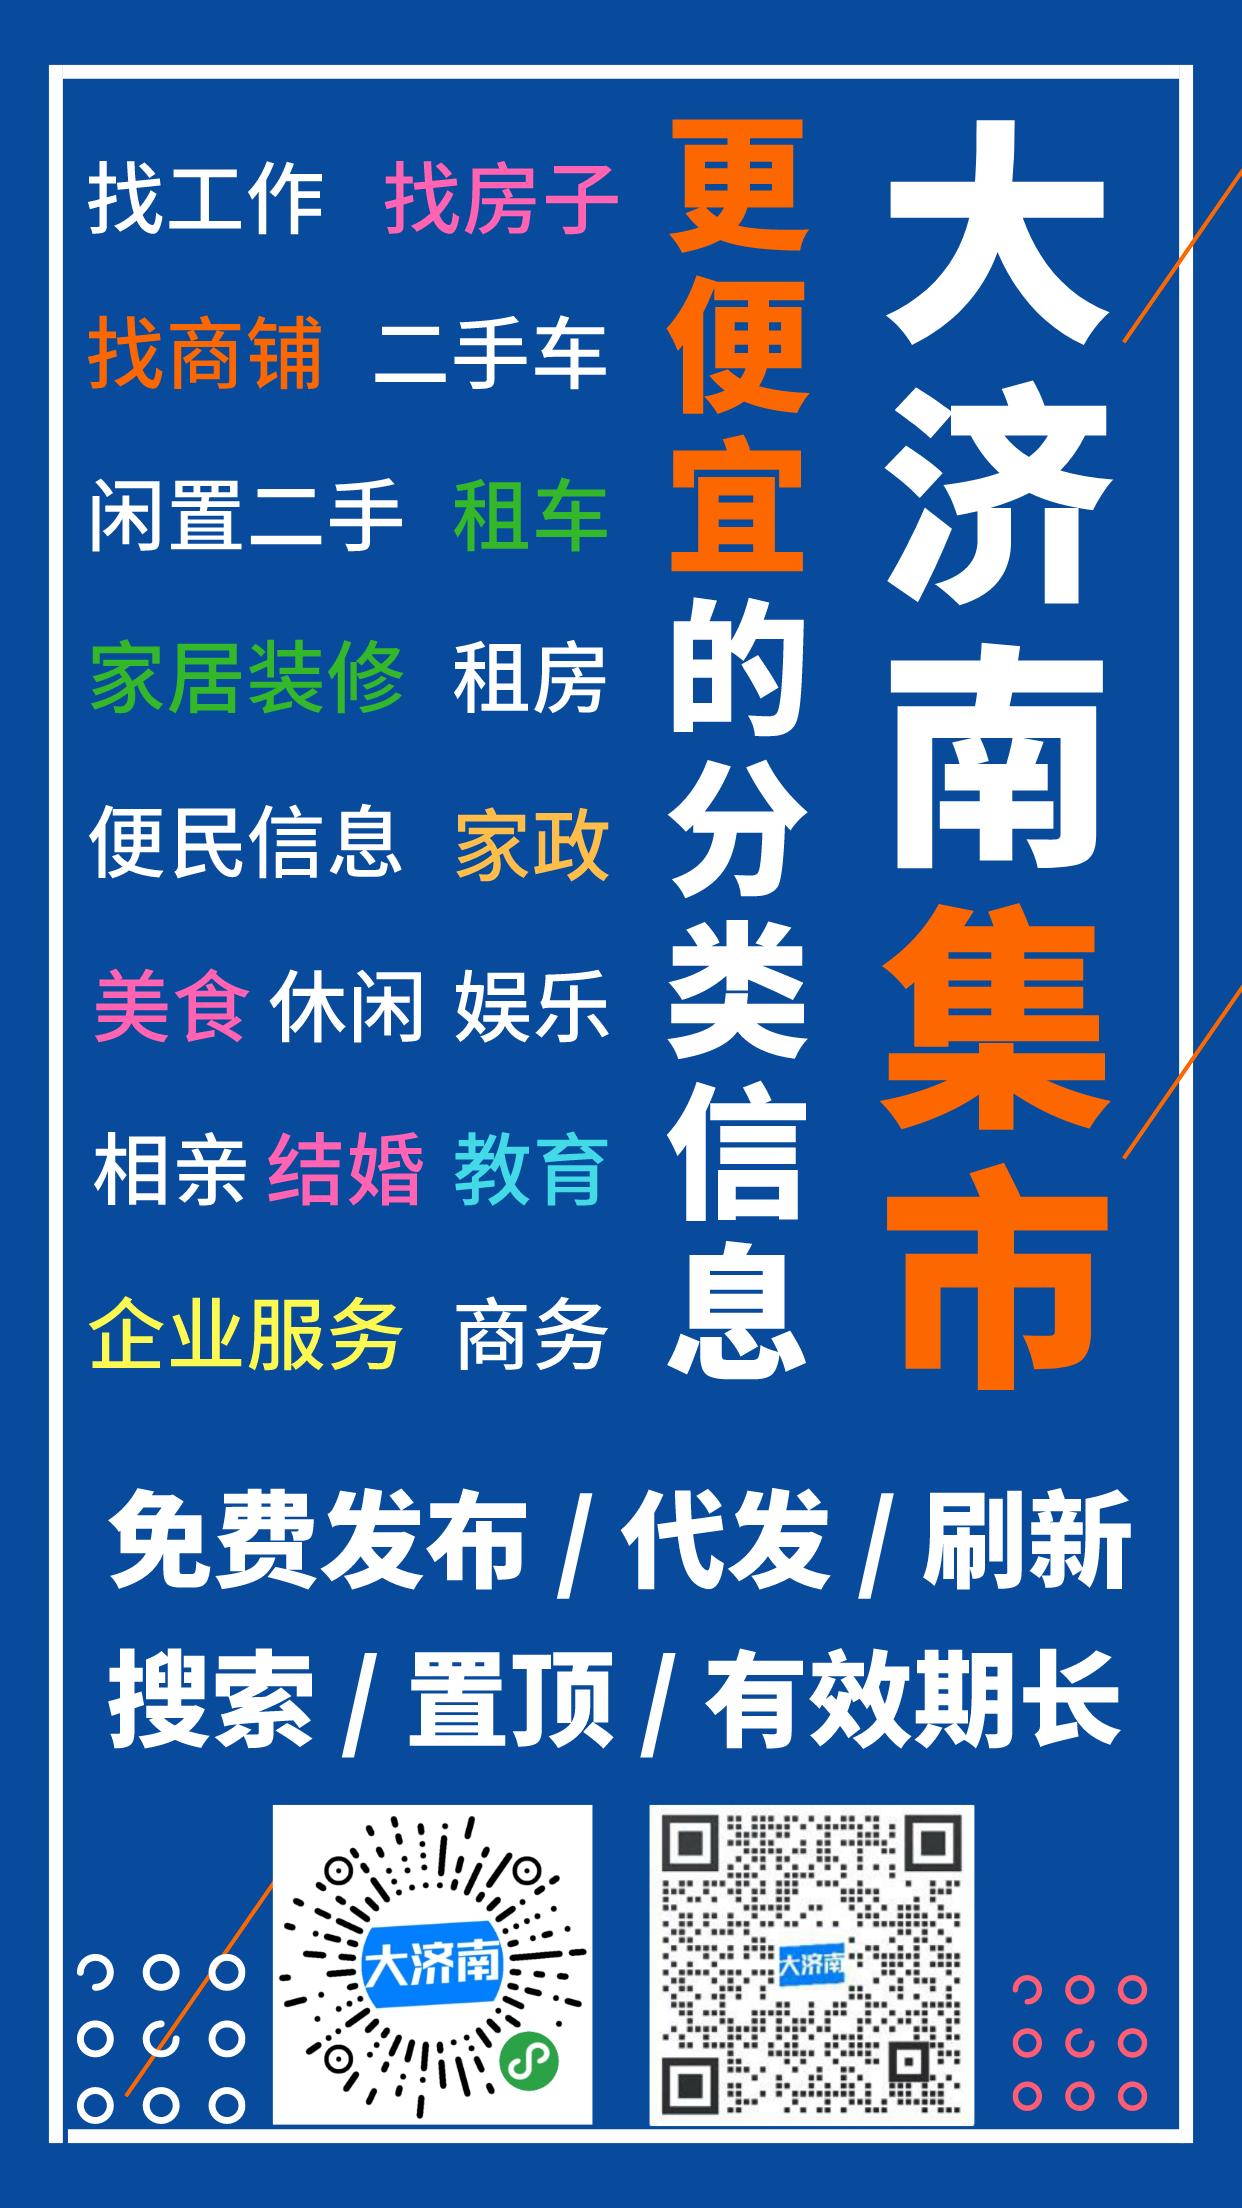 【大济南集市·我们有话说】2021年1月5日,小寒,每周有7天,说说大家更喜欢哪一天呢?